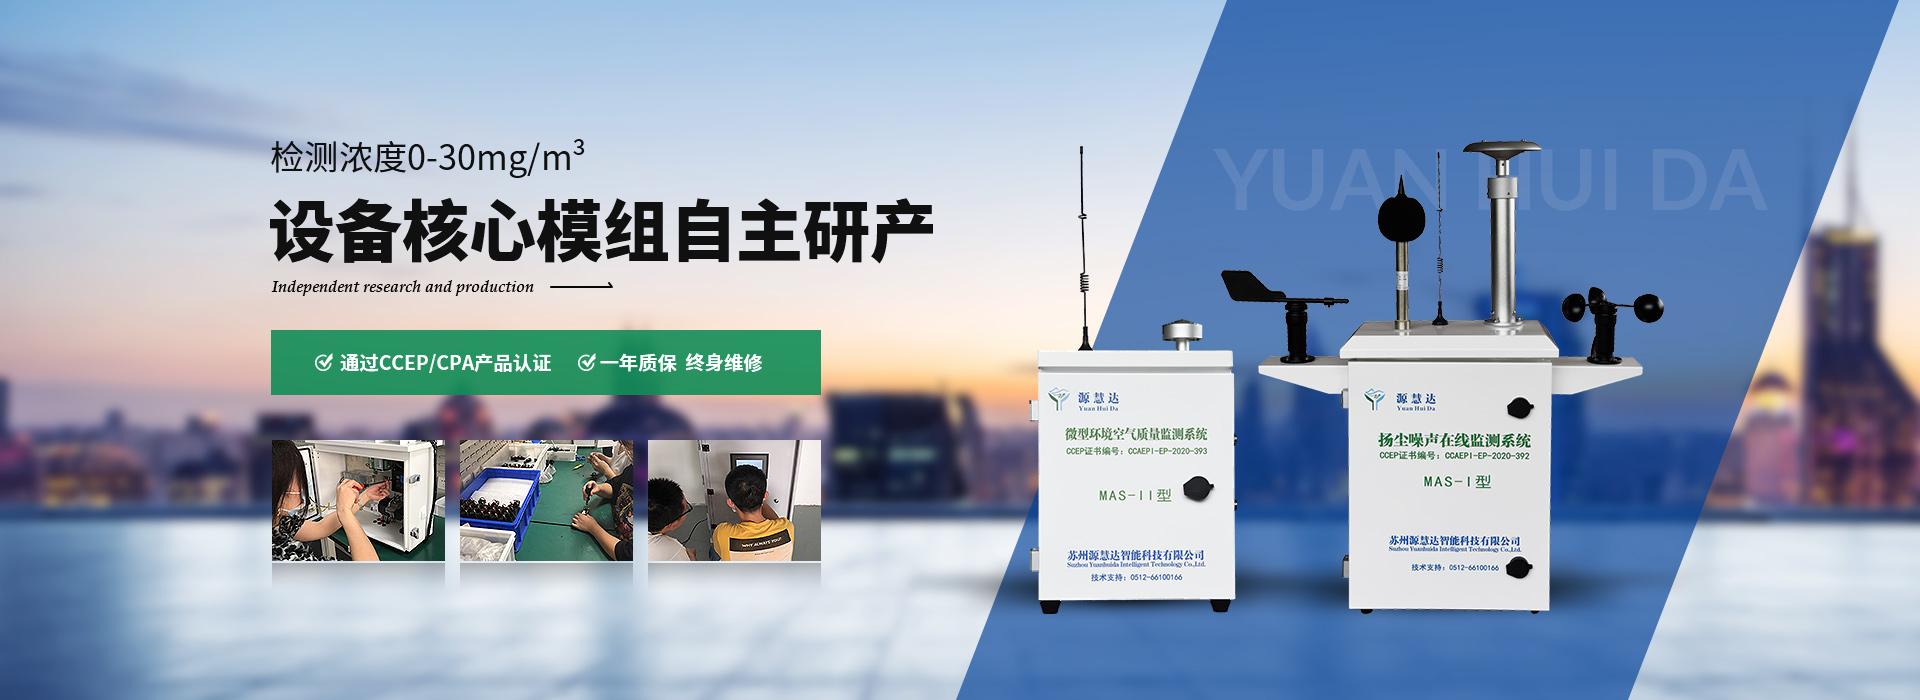 源慧达环境监测设备  检测精度达0.1 μg/m³ 设备核心模组自主研产  故障率低 运行稳定